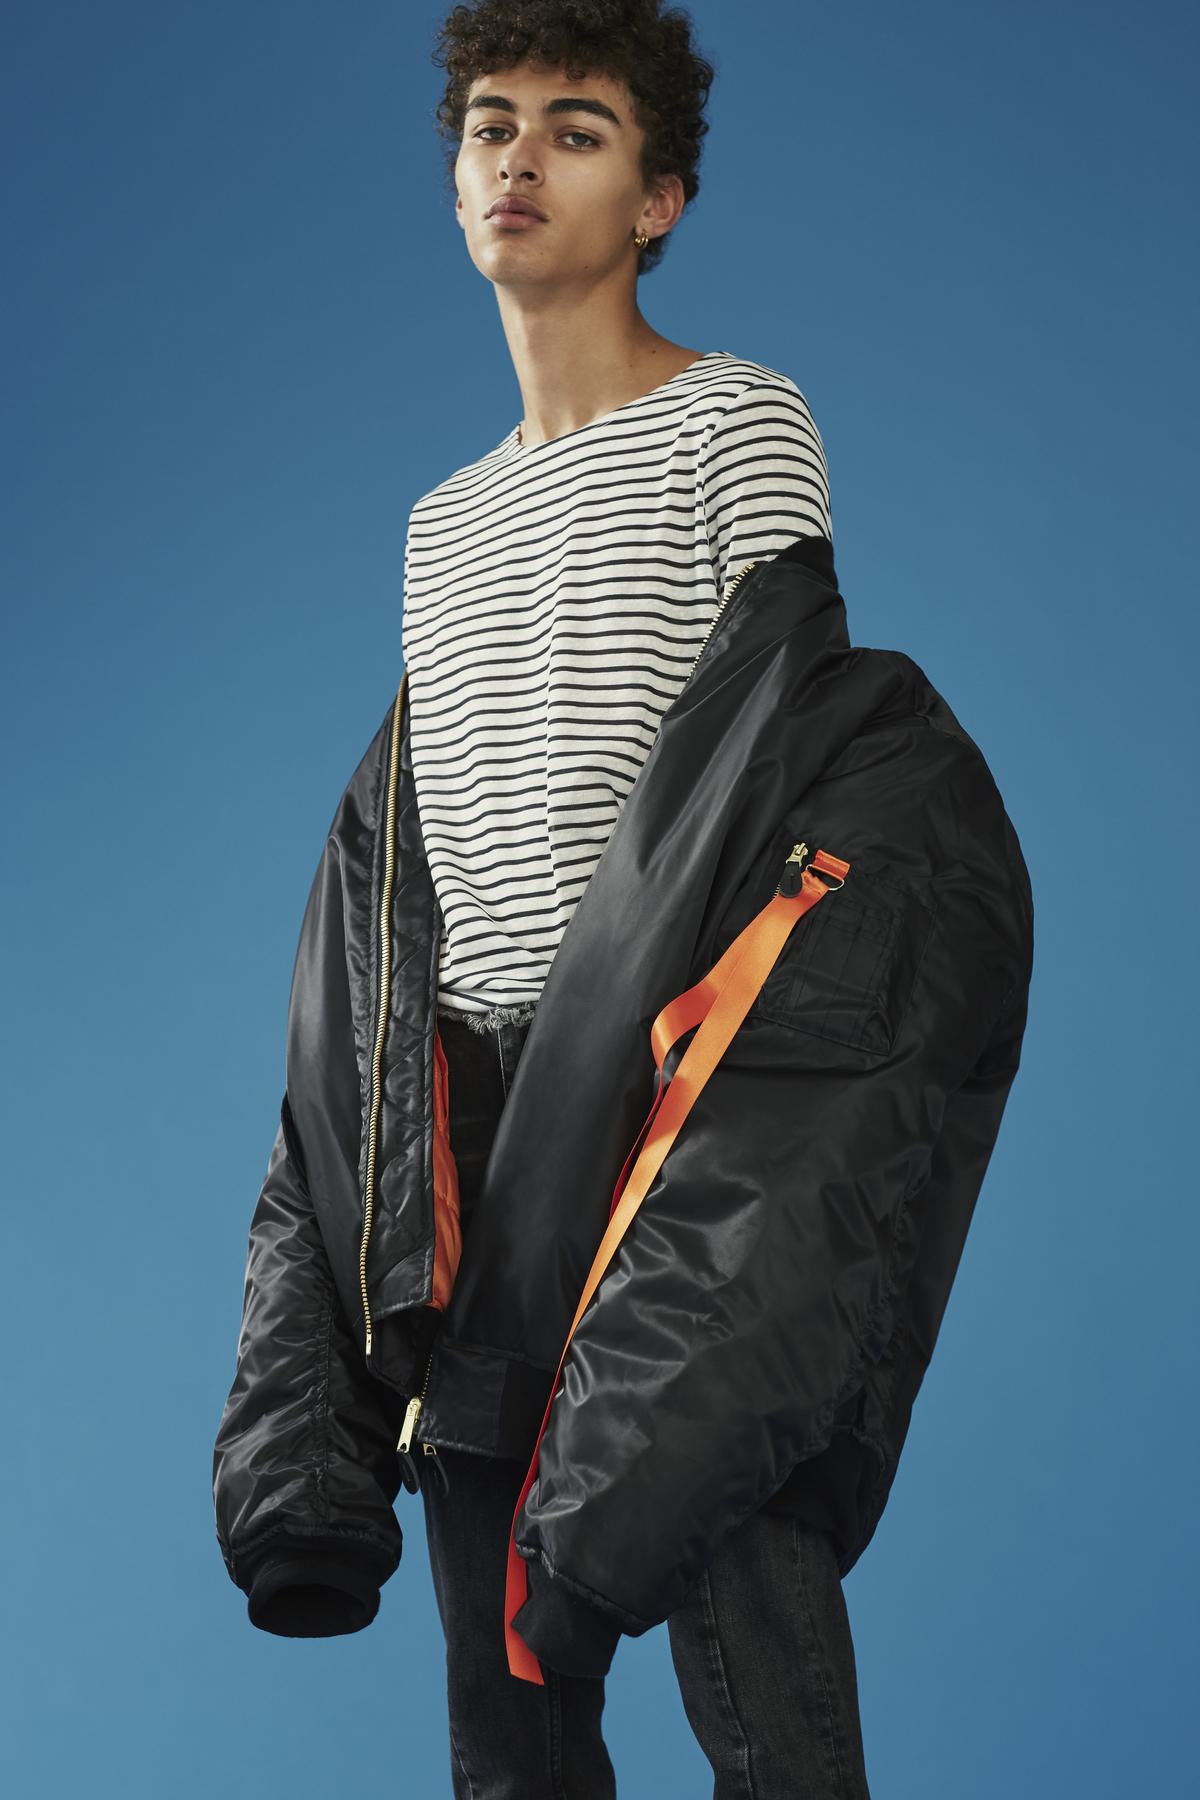 ASOS Menswear Reclaimed Vintage AW16 Lookbook